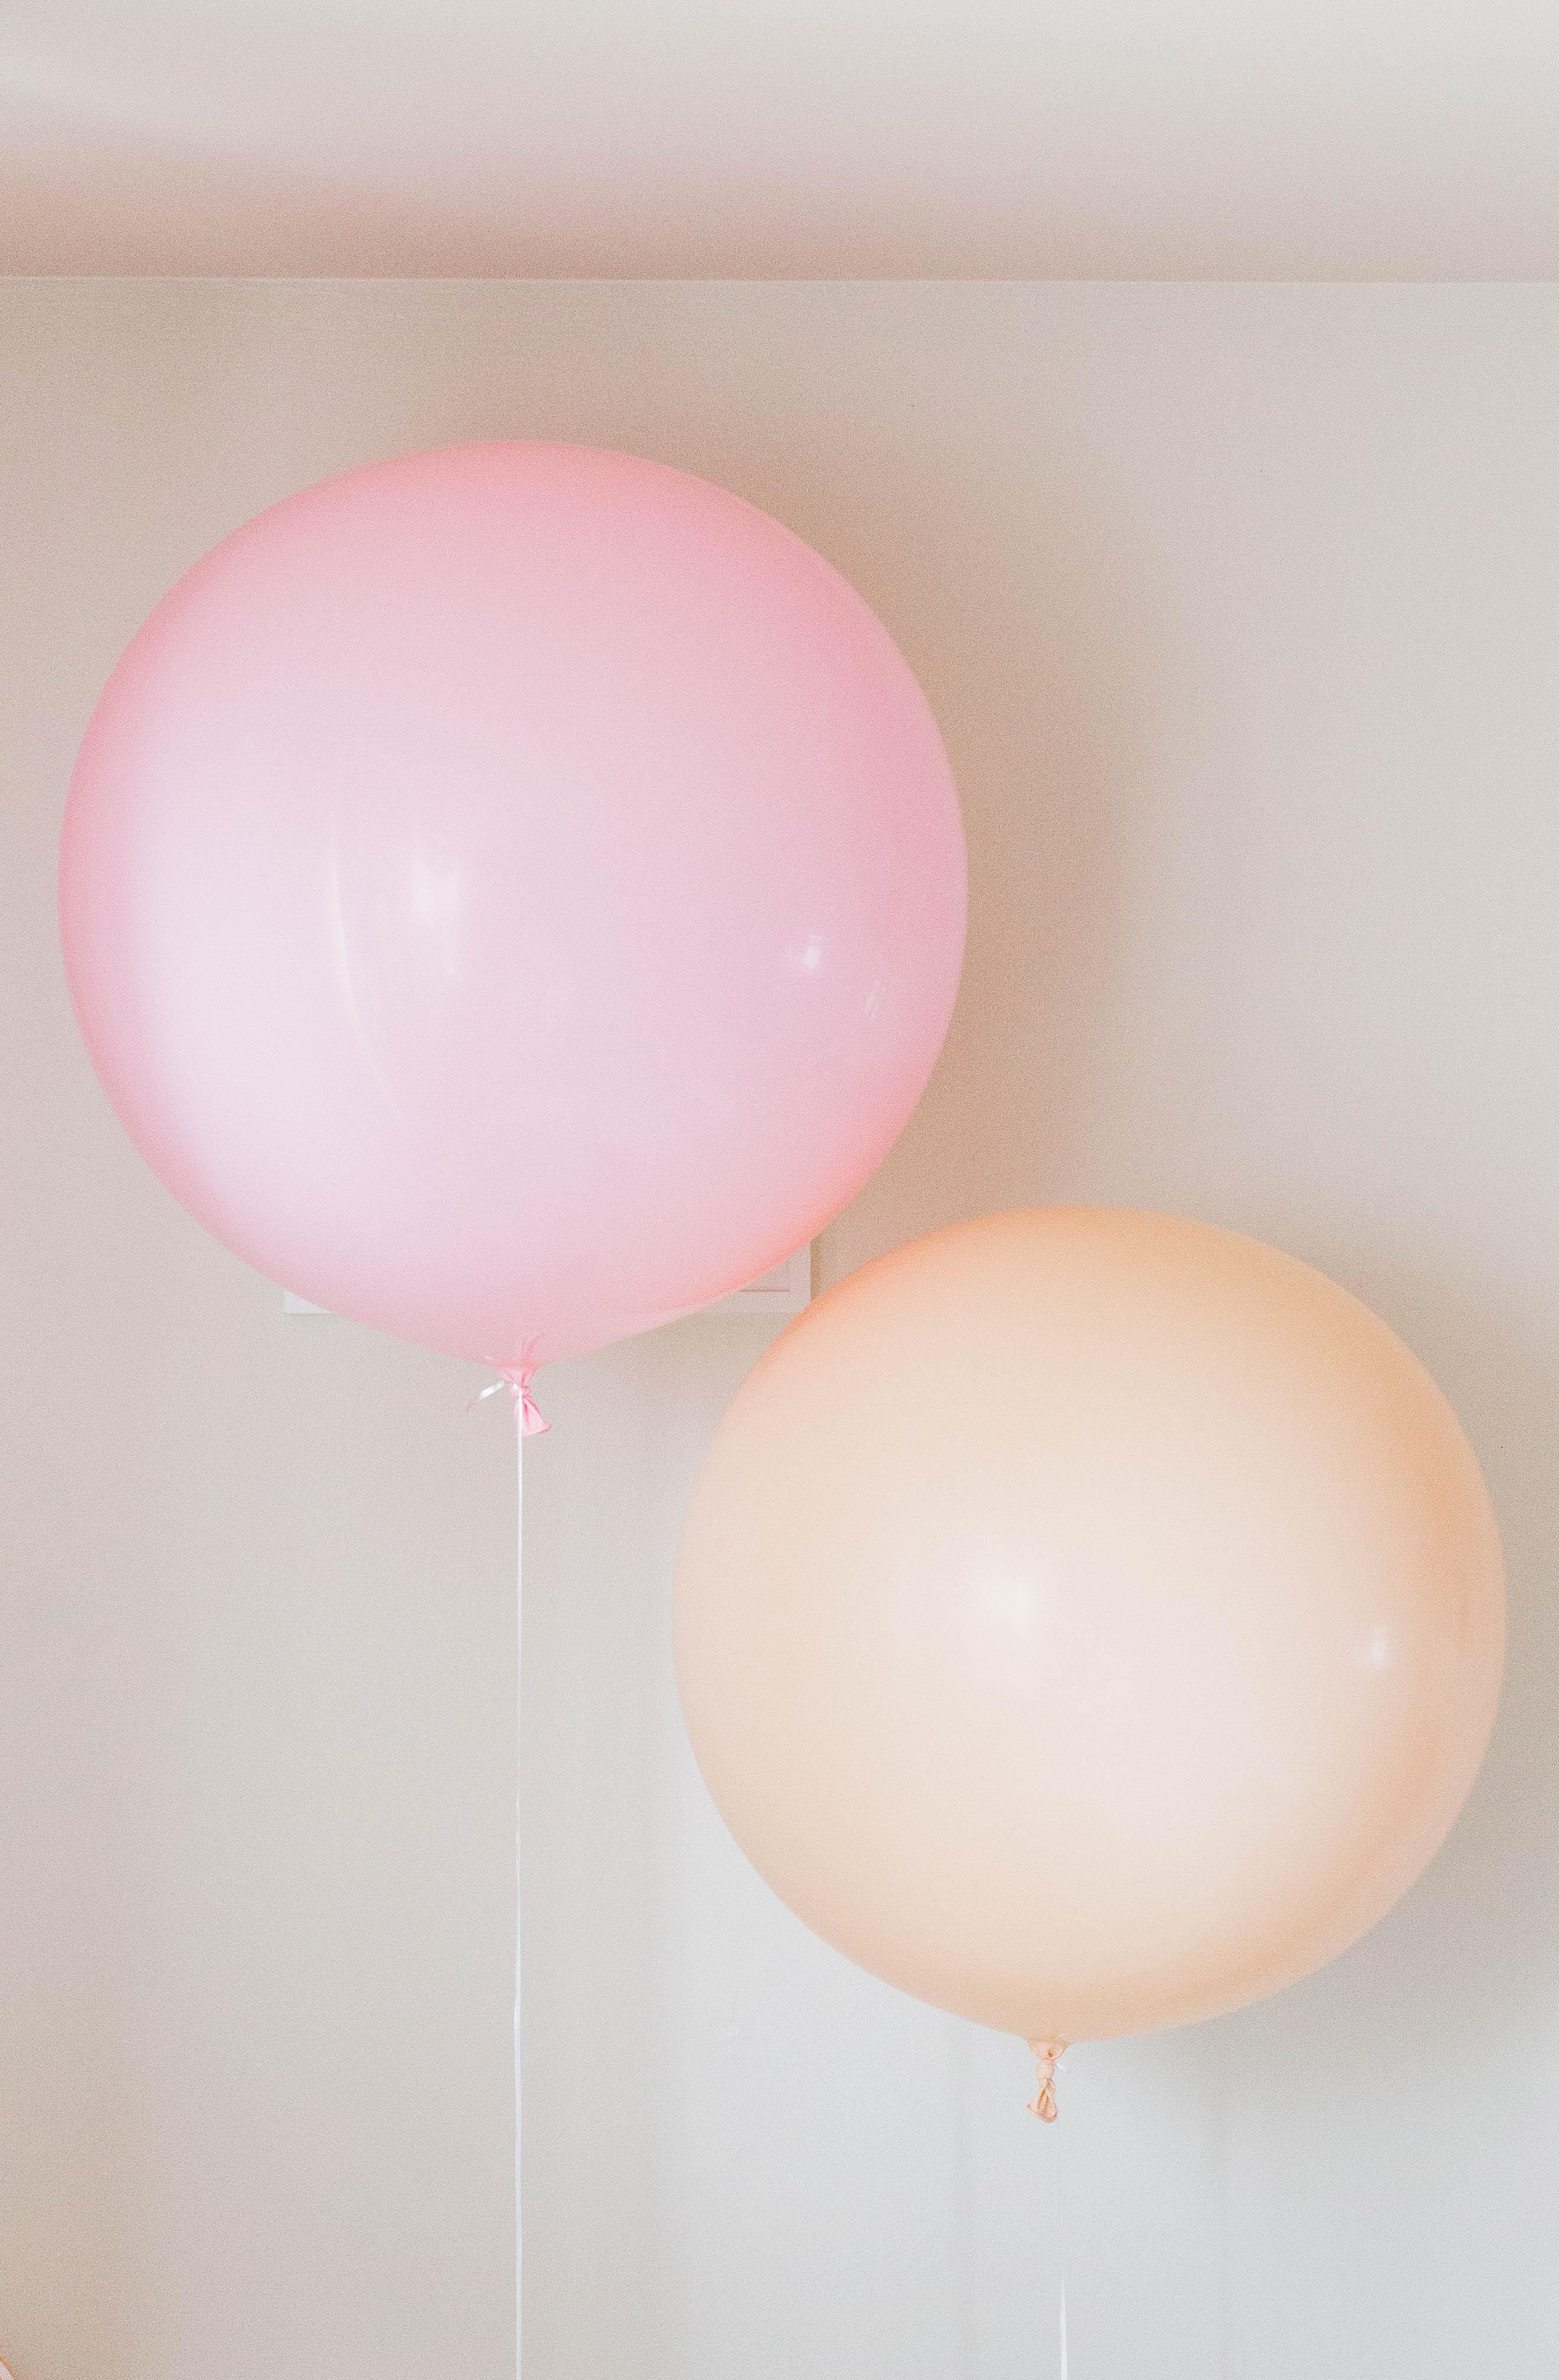 Jumbo Paris312 Balloons